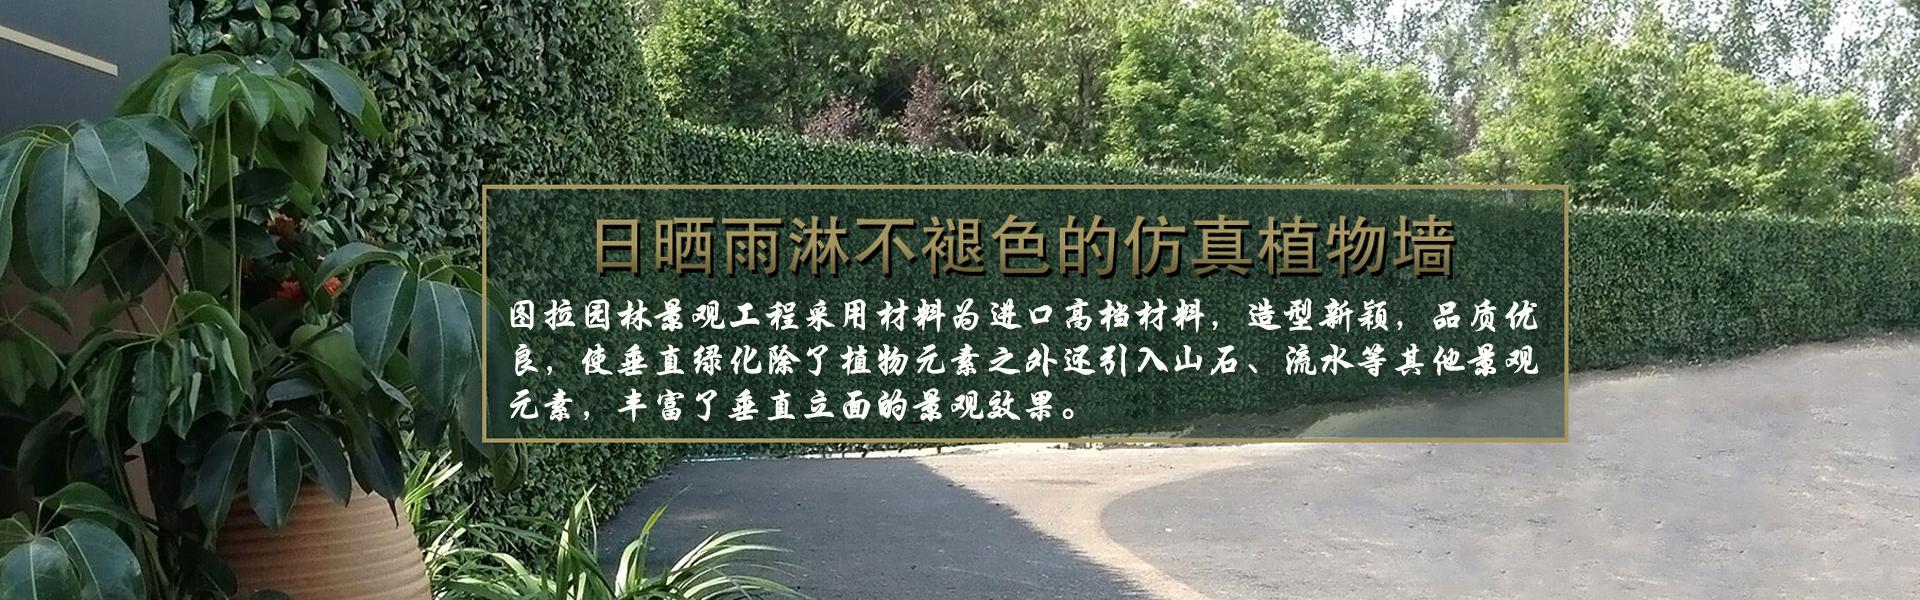 重庆图拉园林景观工程使垂直绿化除了植物元素之外还引入山石、流水等其他景观 元素,丰富了垂直立面的景观效果。